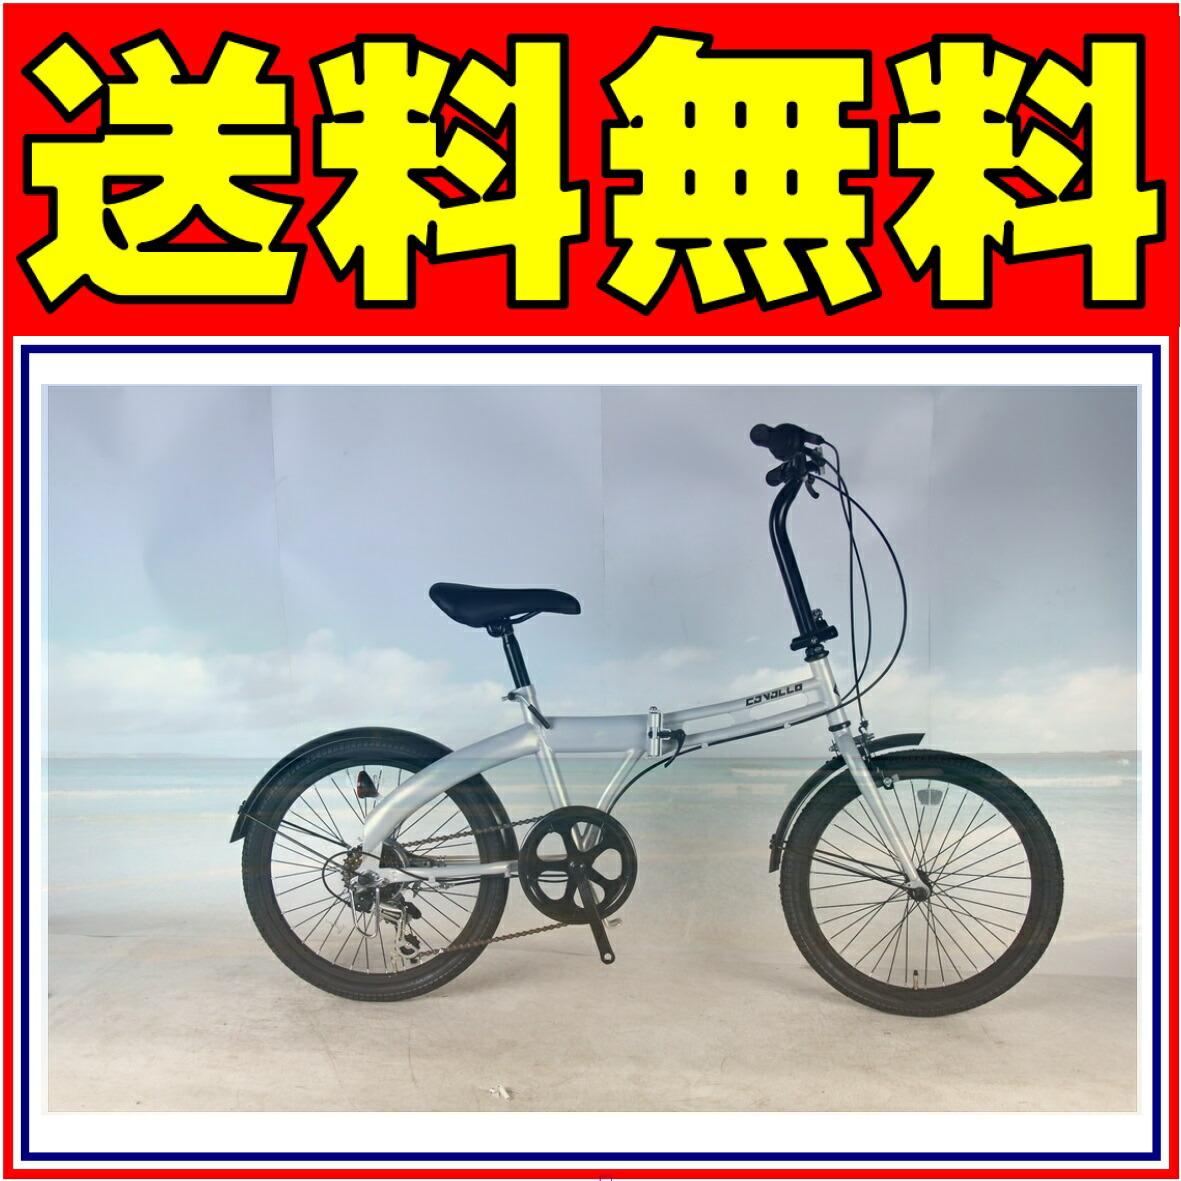 Cavallo 折りたたみ自転車 シルバー 街乗りに最適 20インチ 外装6段ギア 折り畳み自転車 自転車 折りたたみ自転車 17CVL 20型 FDB 外装6段変速ギア MBK 折りたたみ自転車